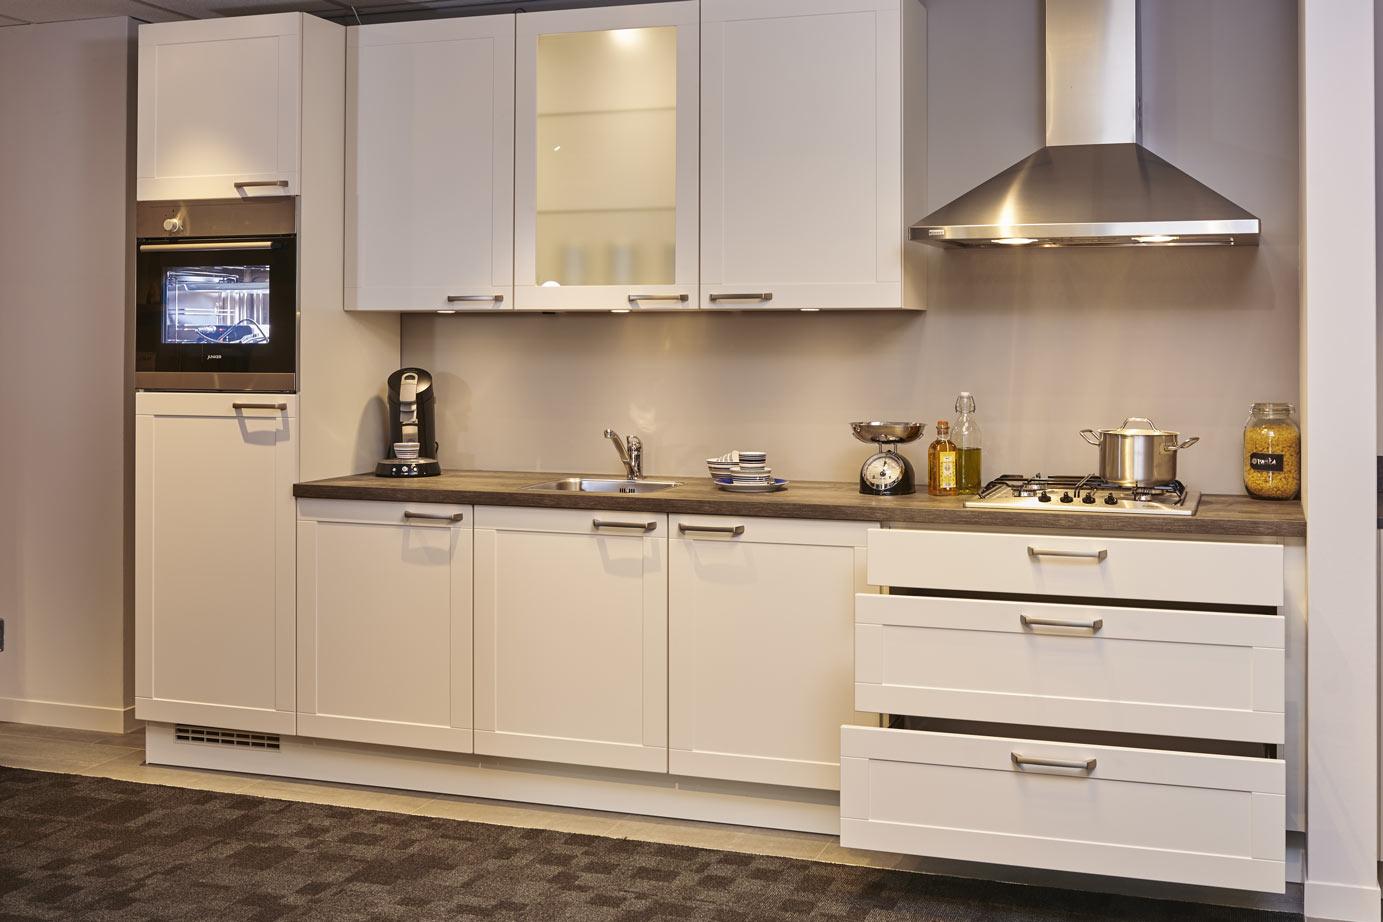 Keuken Kleine Kleur : Keuken kleuren kies de kleur die bij je past pelma